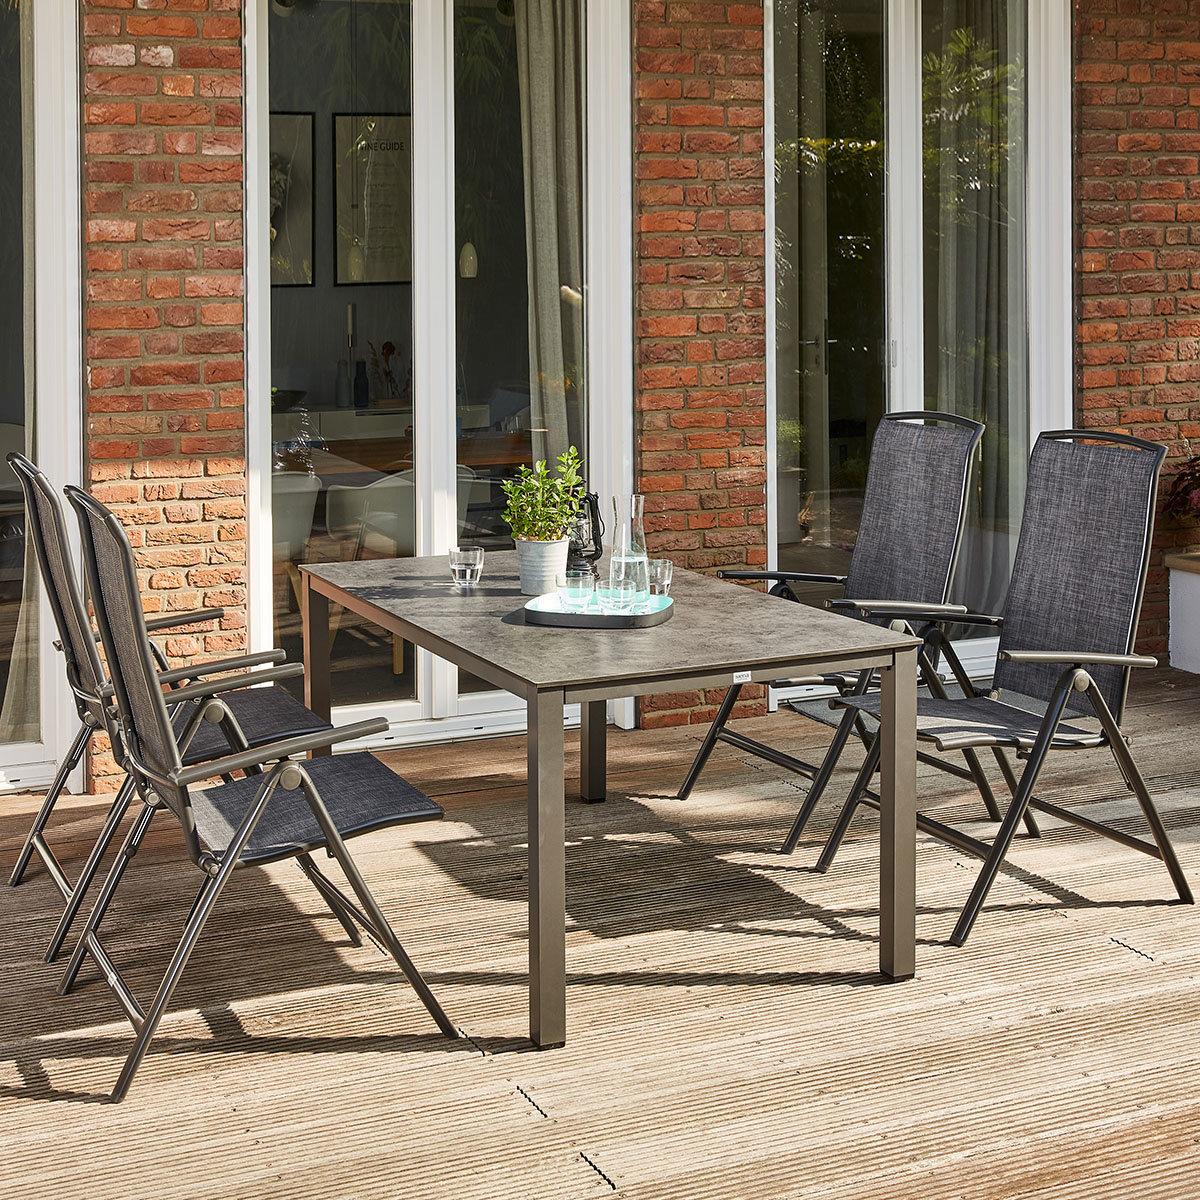 Gartenmöbel-Set Livorno mit 4 Klappstühlen und 1 Lofttisch